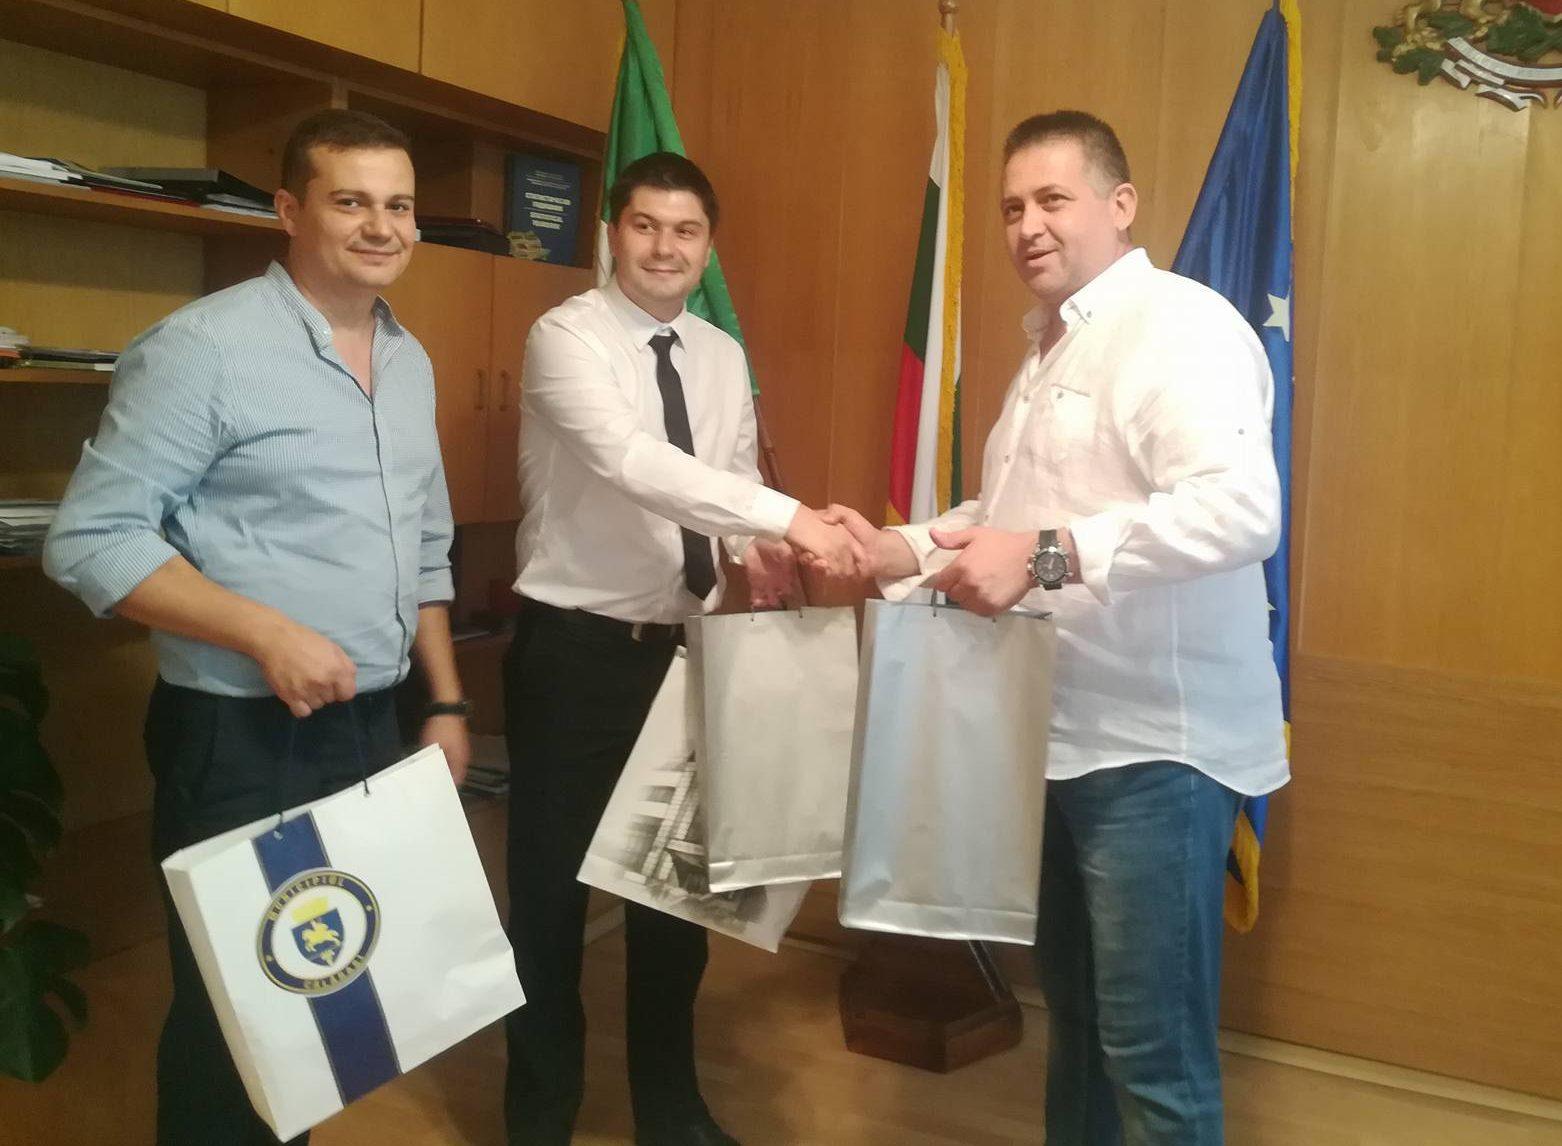 Д-р Валентин Василев посрещна делегация от Кълъраш